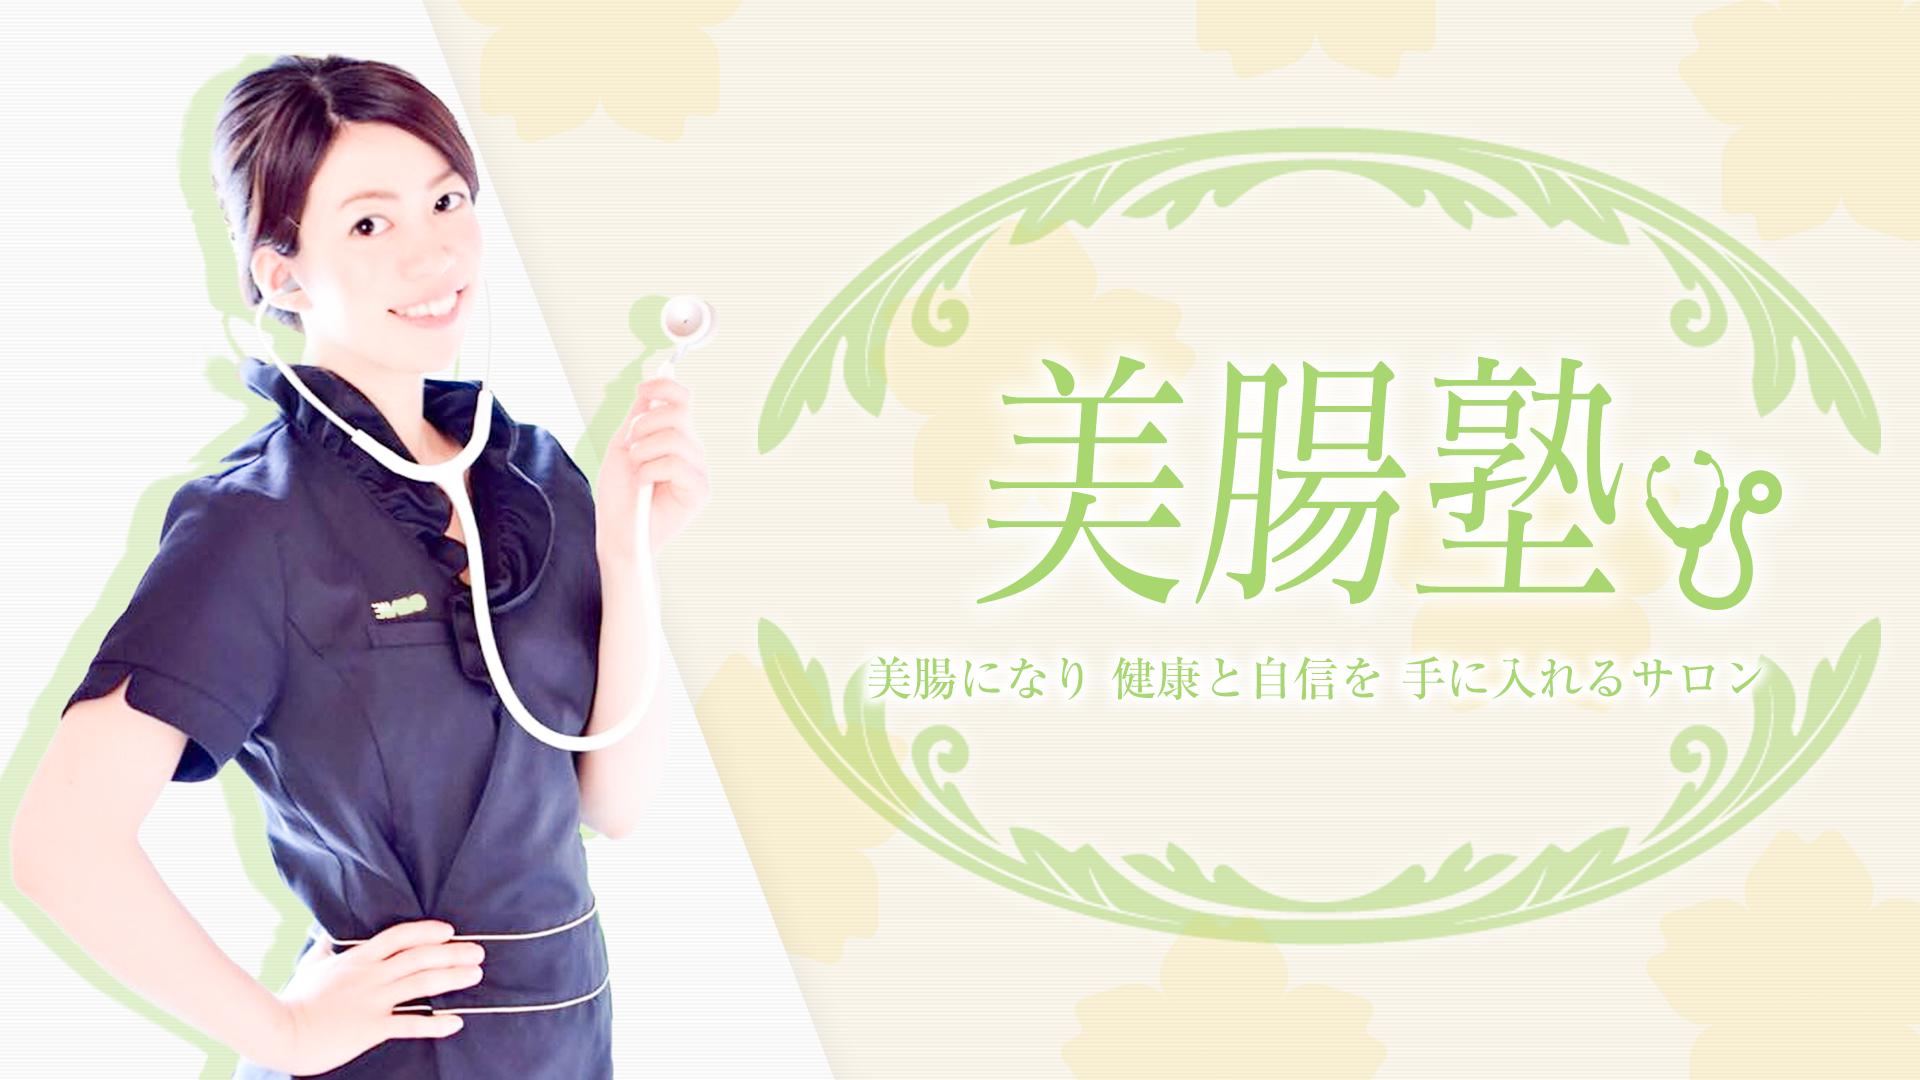 美腸ナース 咲(小野 咲) - 美腸になり健康と自信を手に入れるサロン 美腸塾 - DMM オンラインサロン